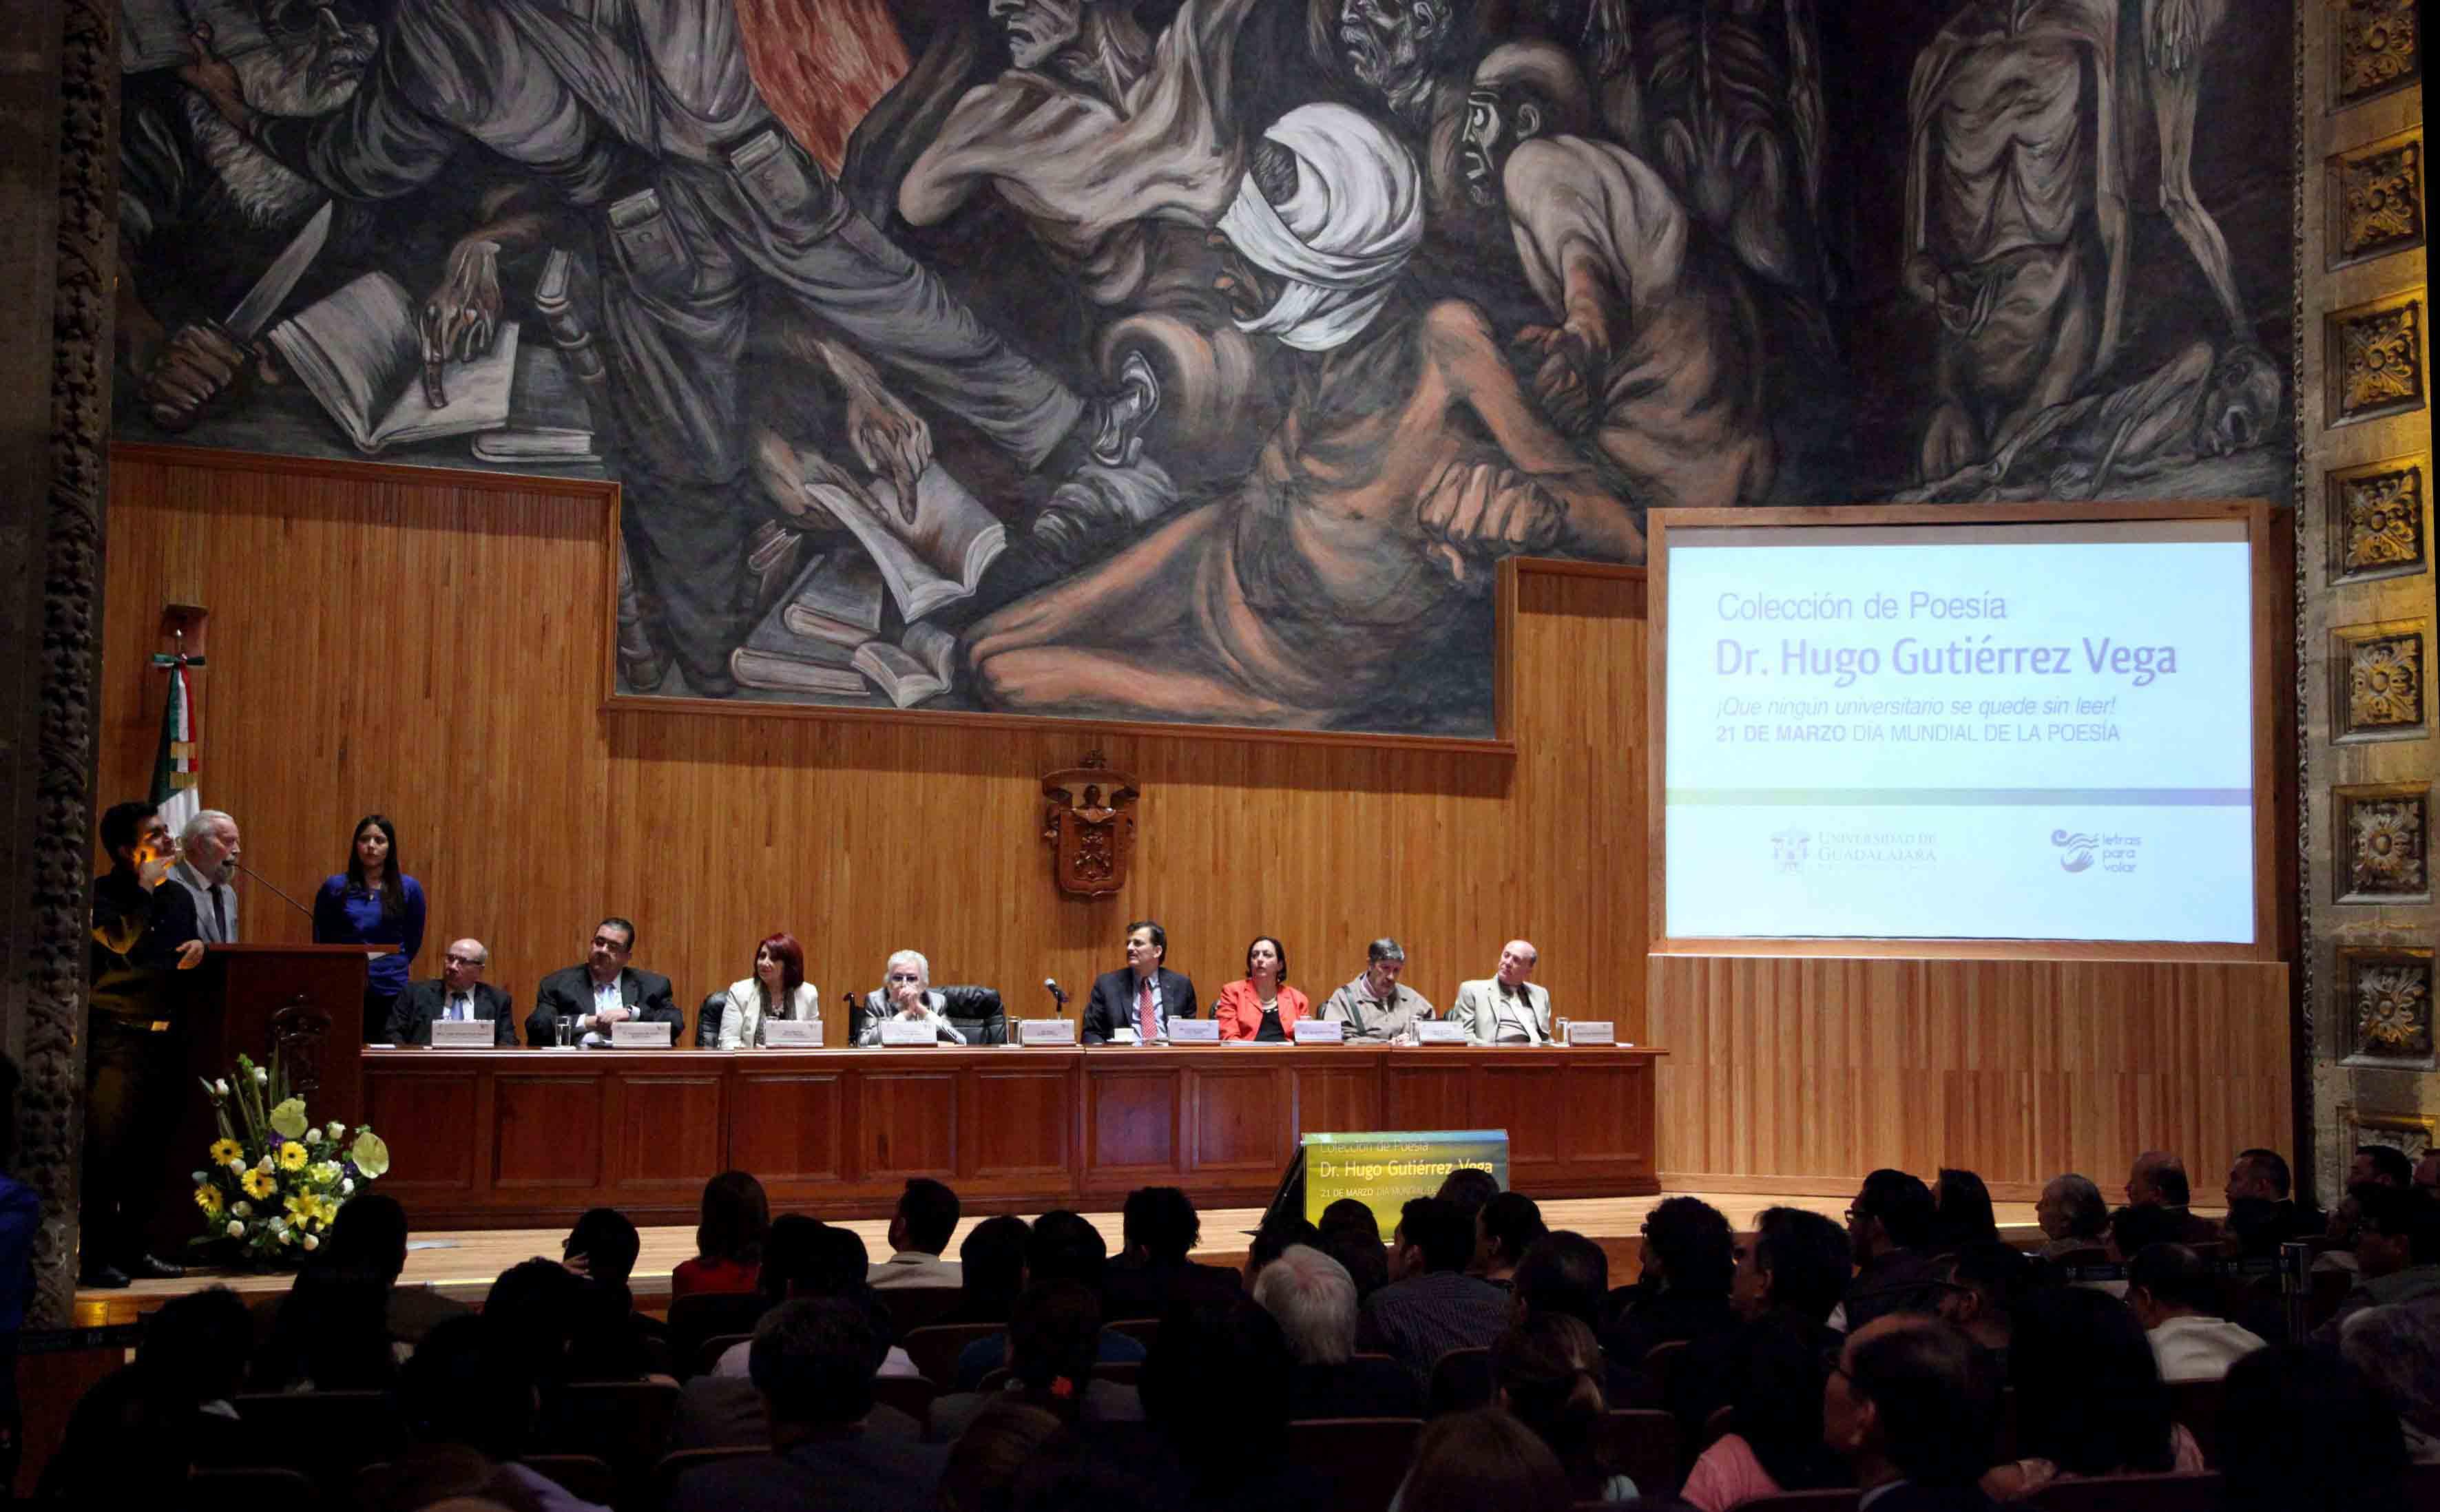 Presentación de la Colección de poesía del Dr. Hugo Gutiérrez Vega, en el Paraninfo Enrique Díaz de León.